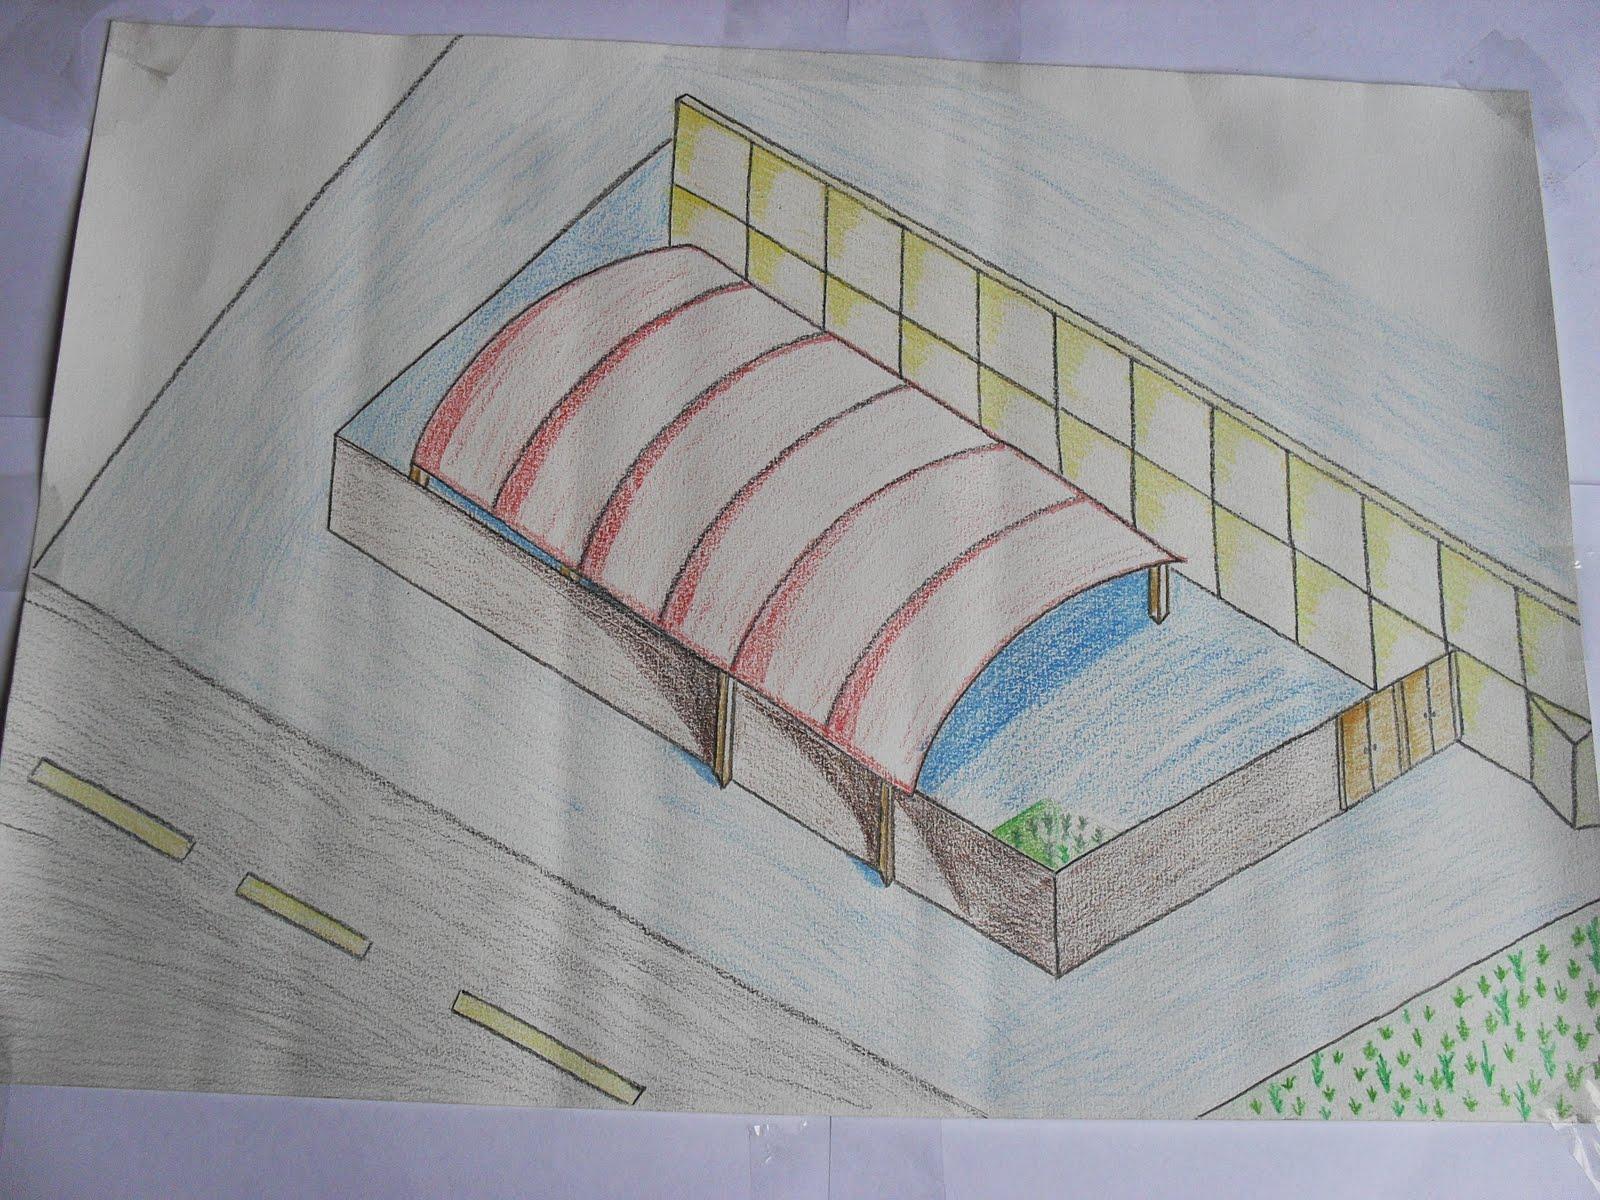 Taller del espacio universidad privada del norte dibujo for Comedor para dibujar